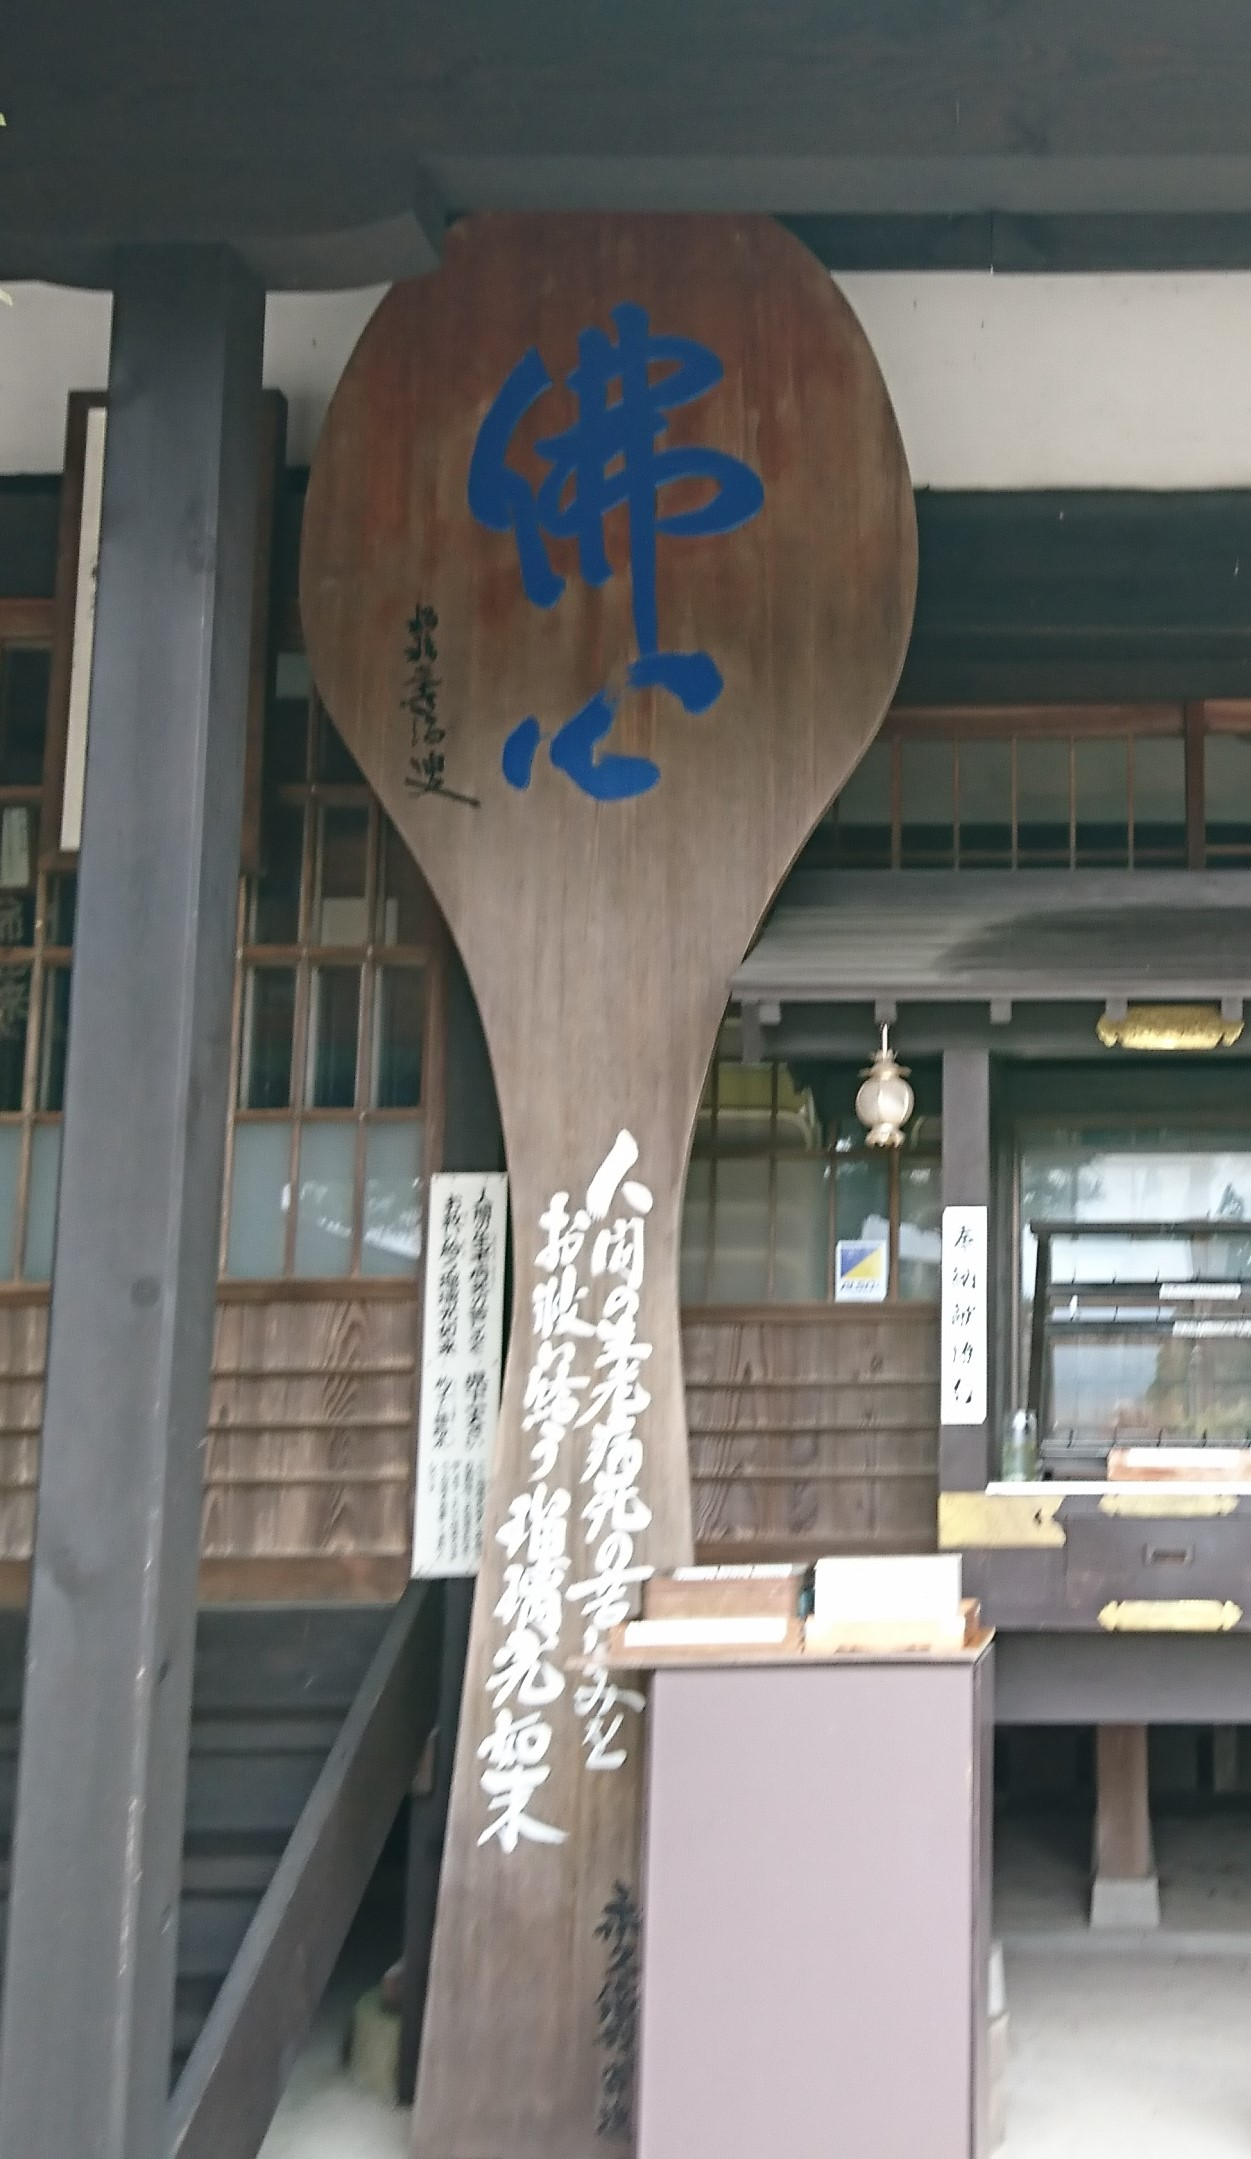 瑠璃光寺には県で一番おおきなしゃもじがあります